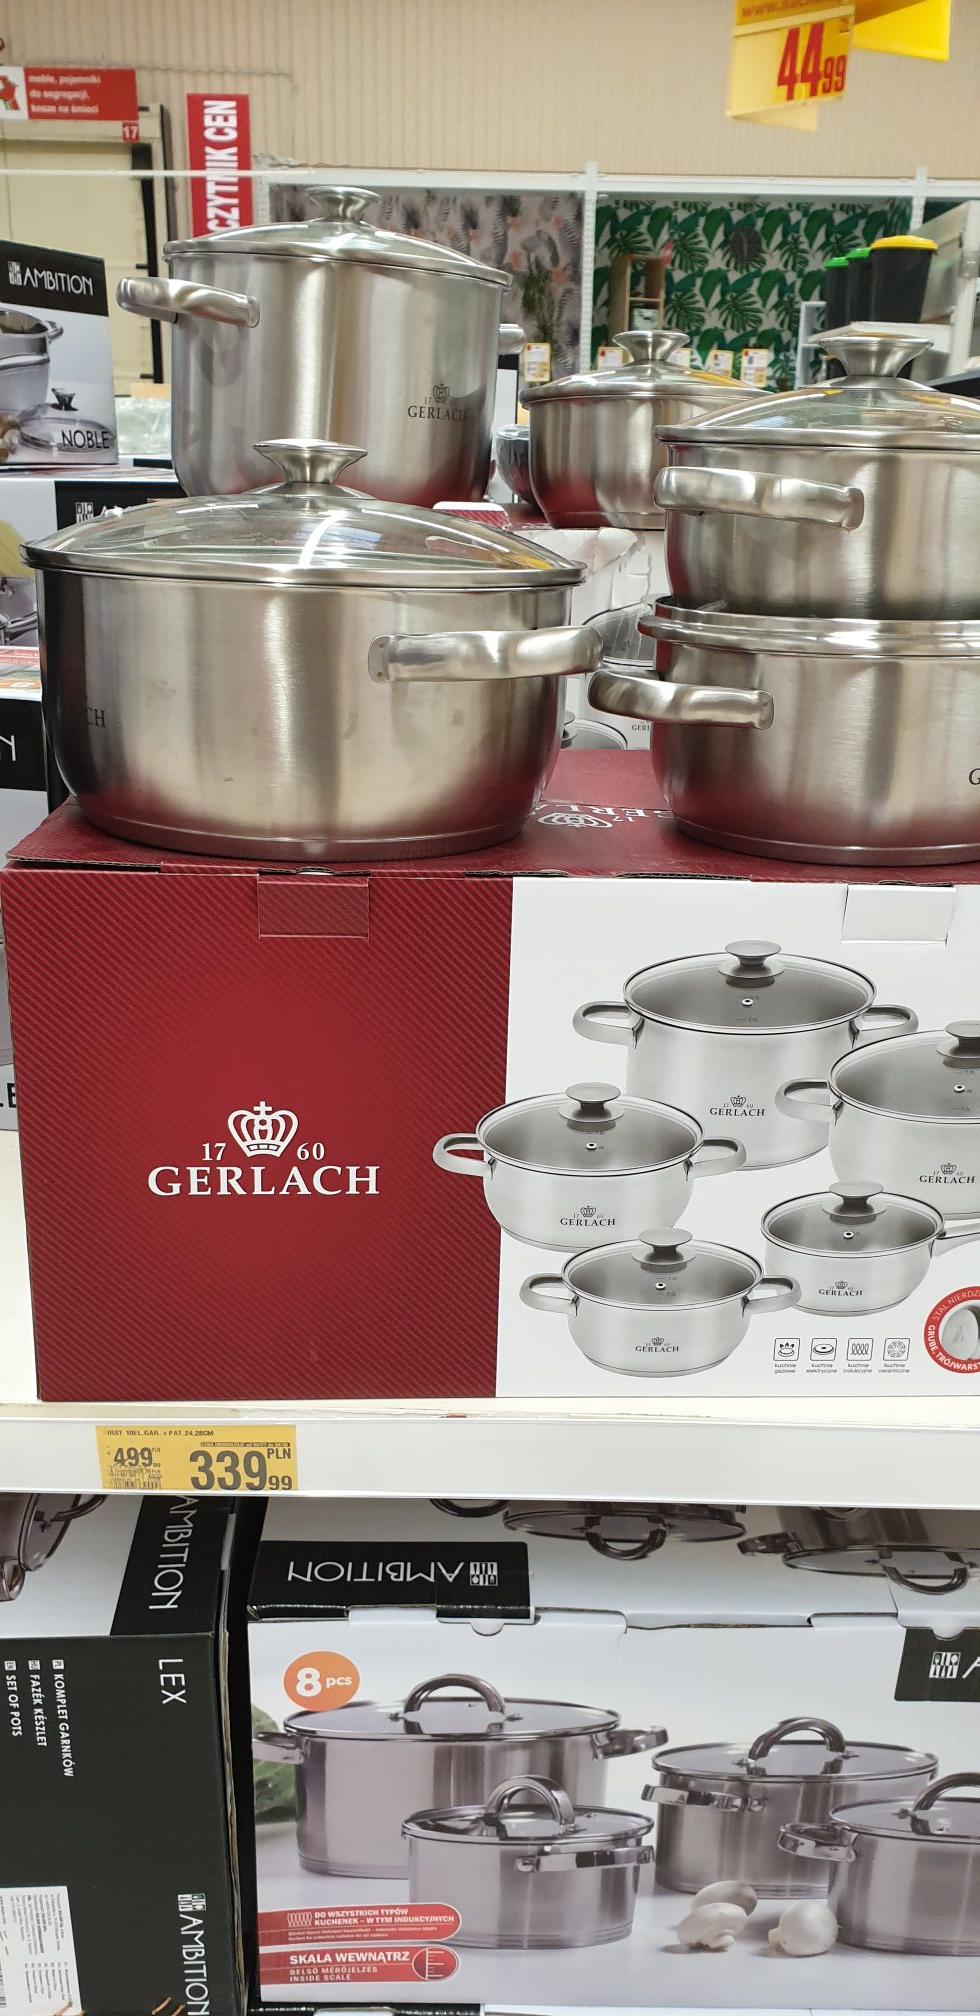 Zestaw garnków Gerlach - Auchan Komorniki